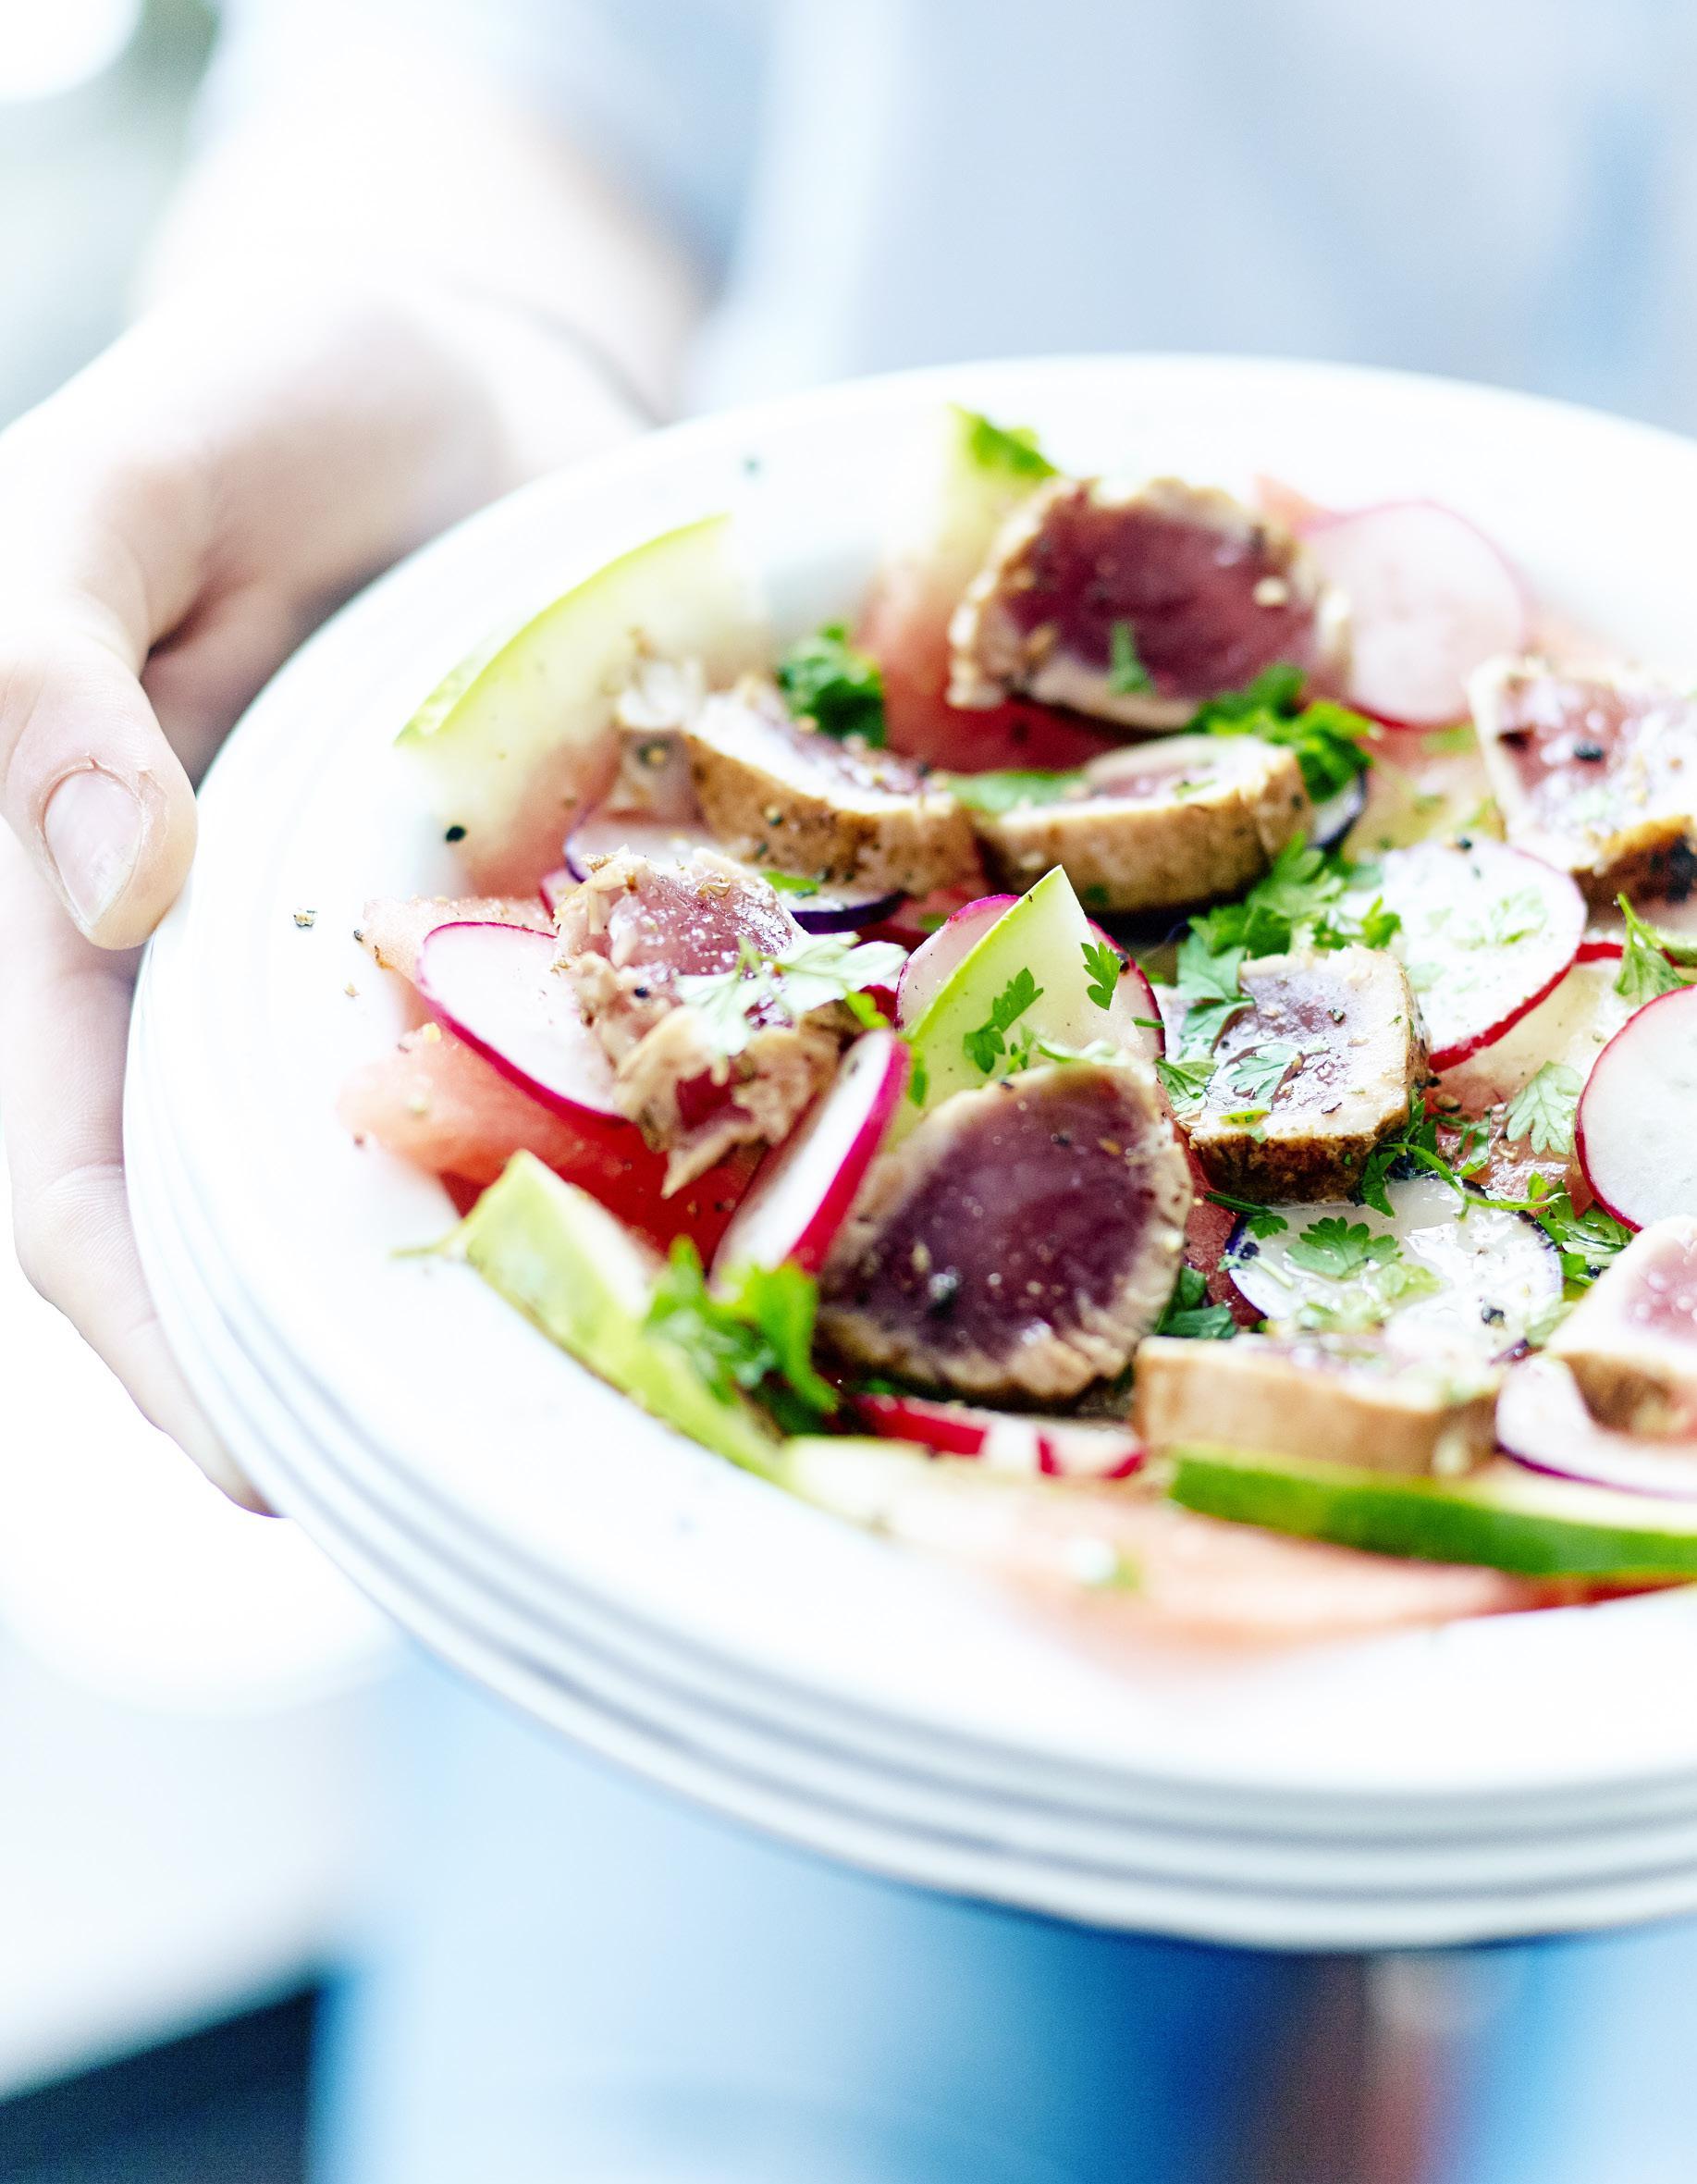 Salade de pastèque, tataki de thon pour 6 personnes - Recettes Elle on